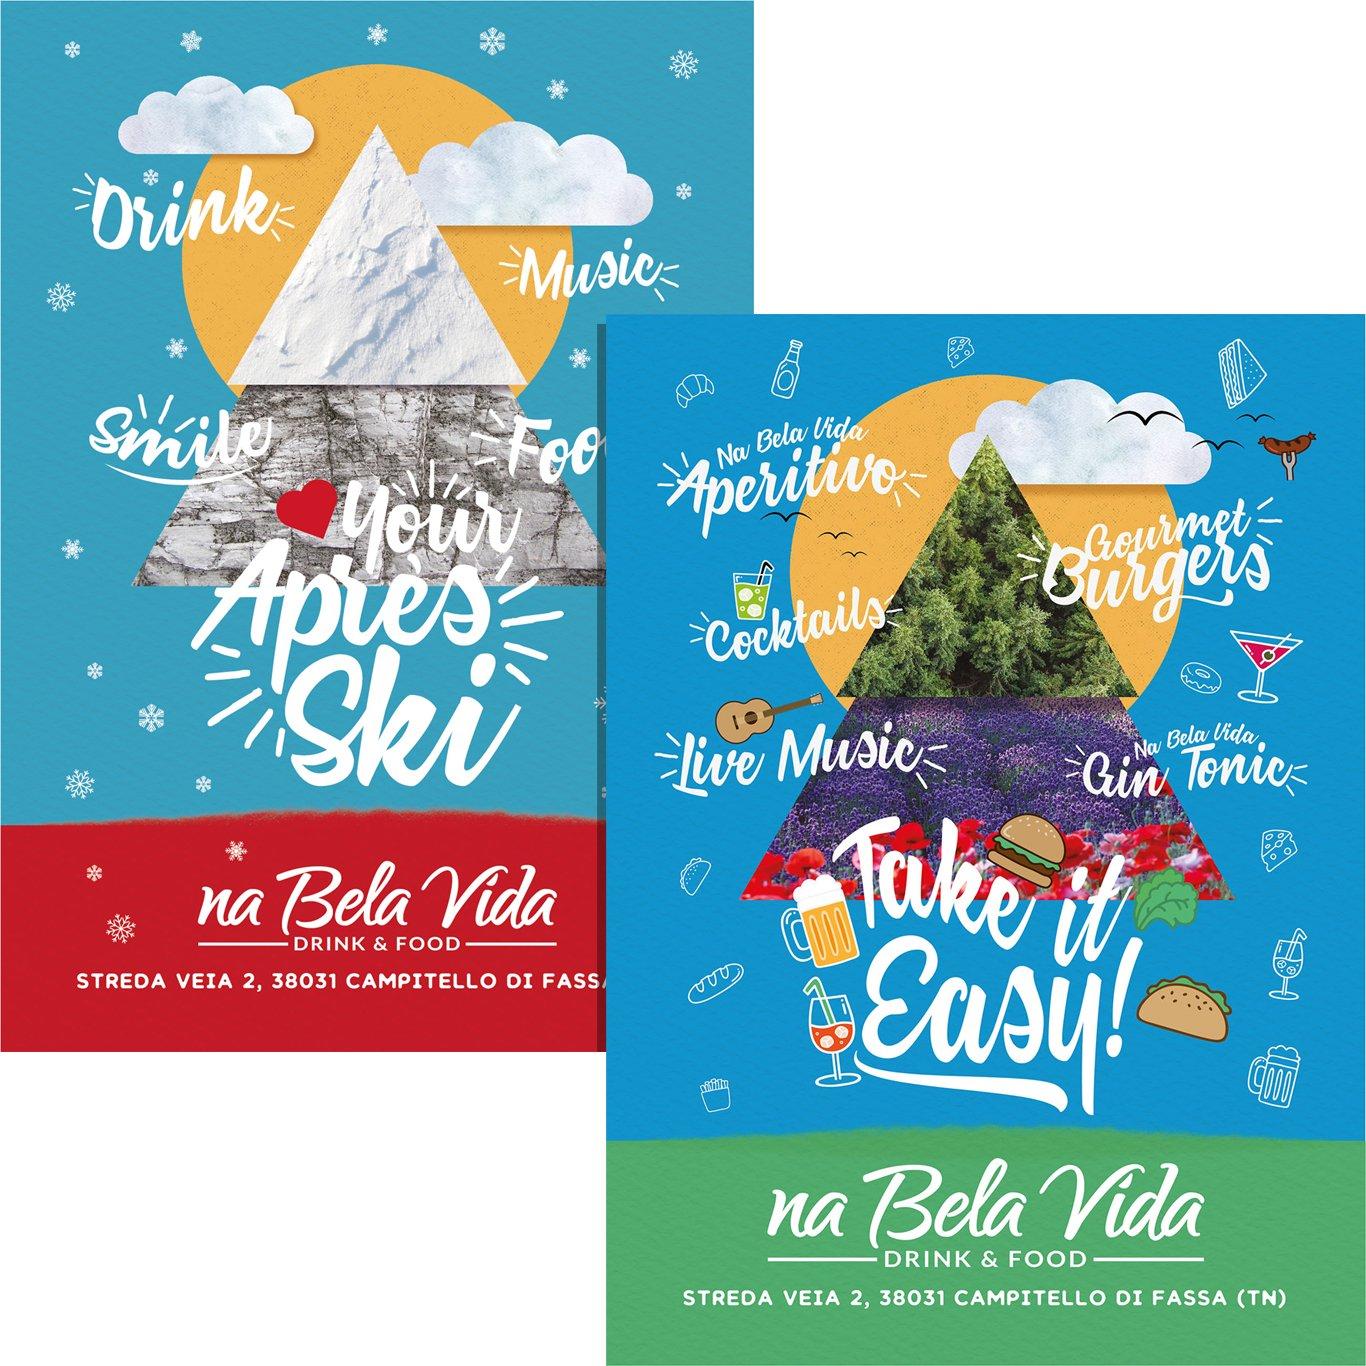 Poster realizzati per il Na Bela Vida di Campitello di Fassa - monfinedesign